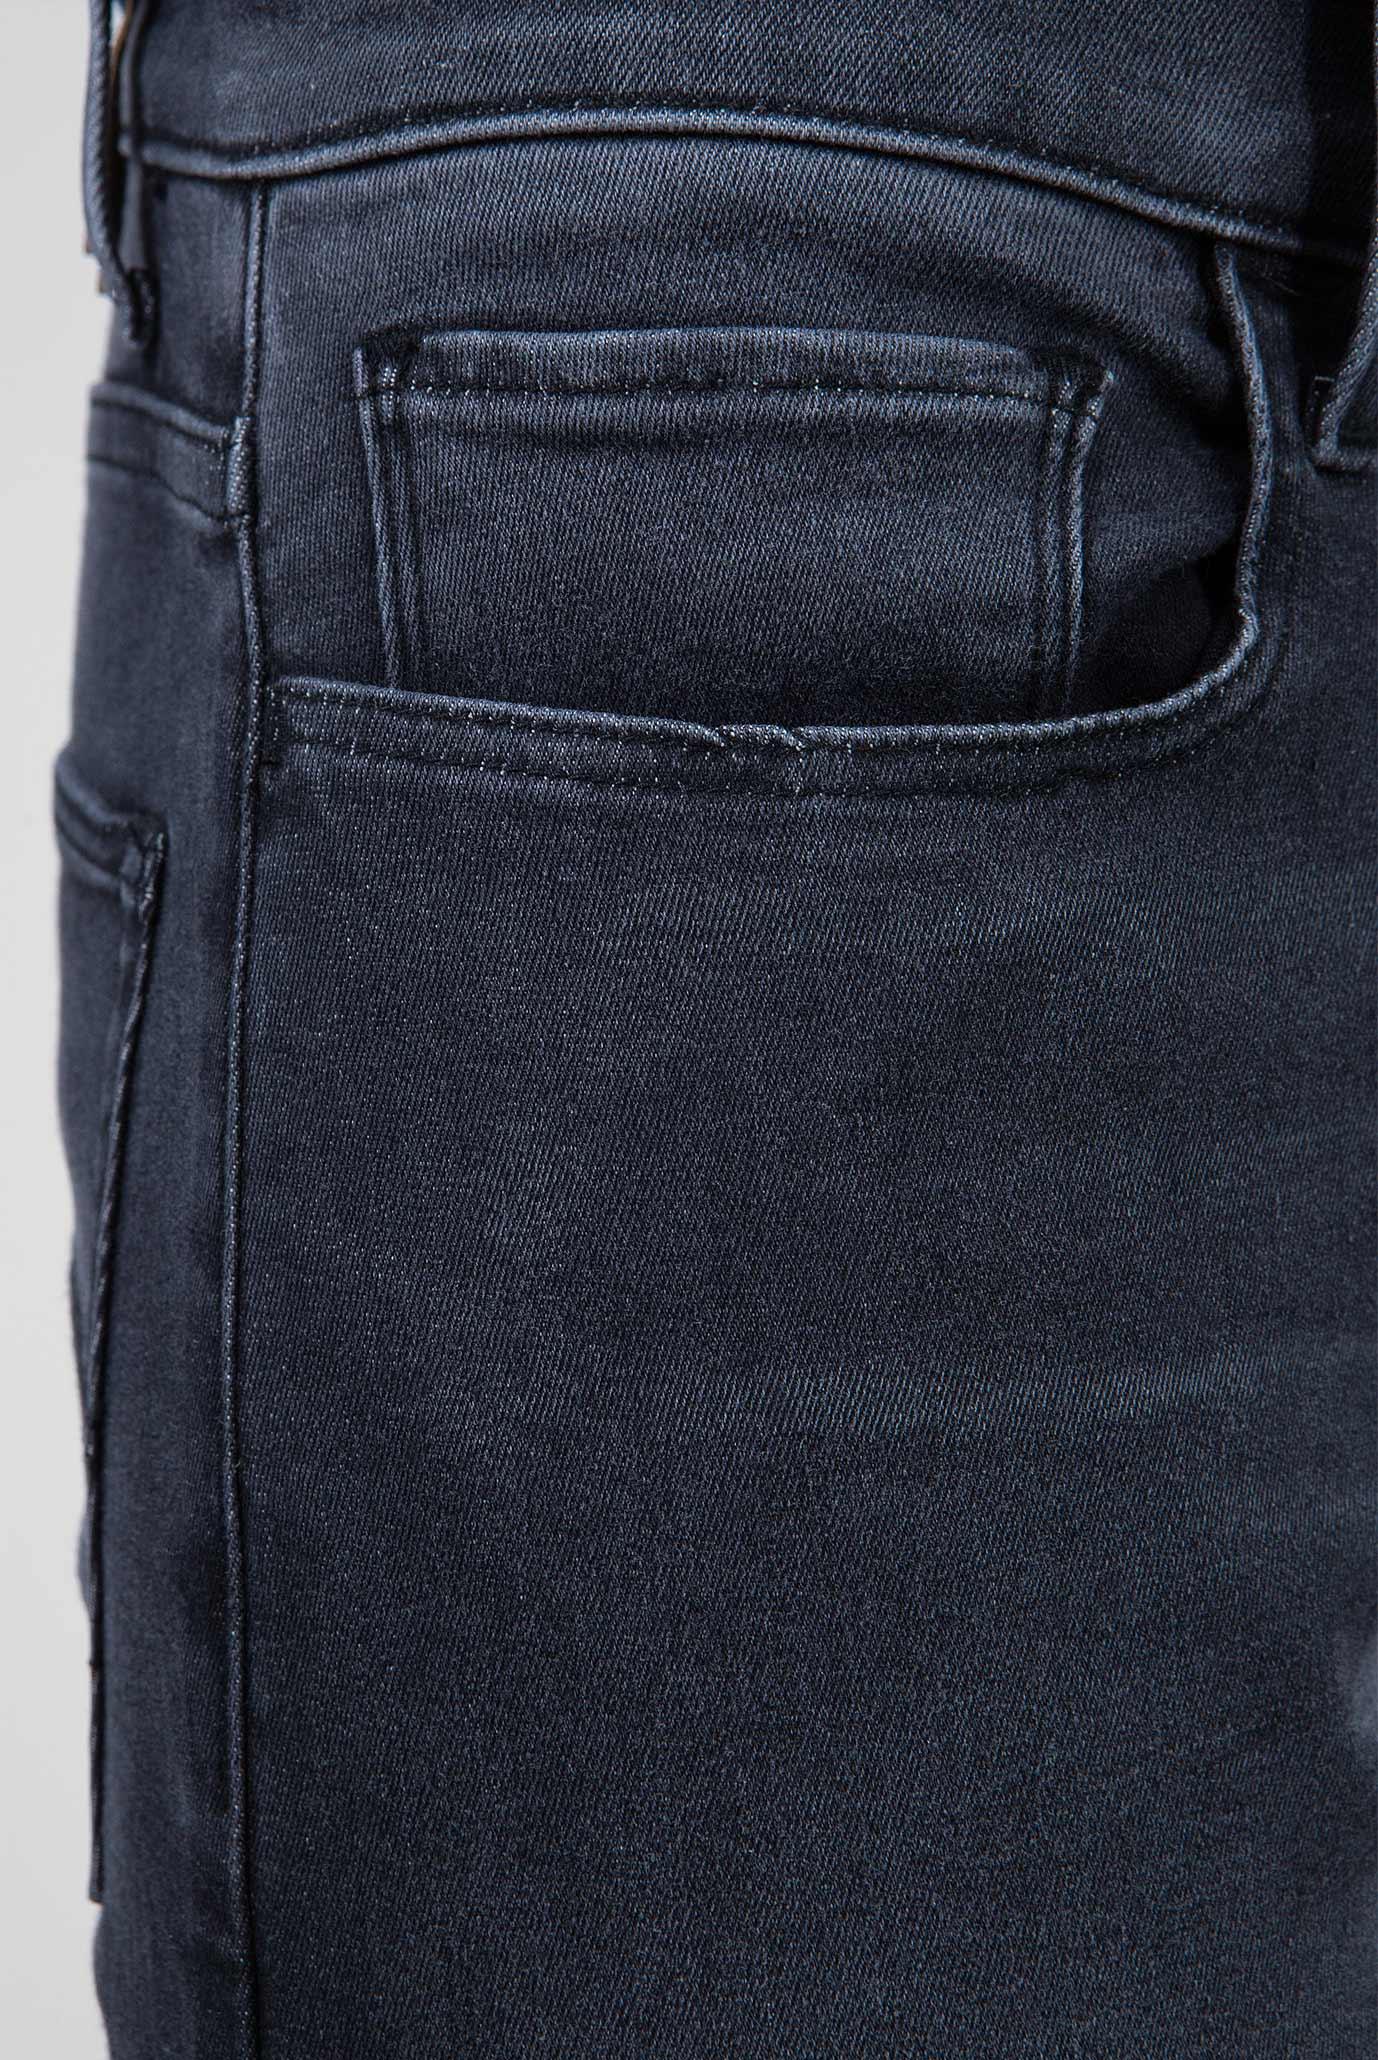 Купить Мужские темно-синие джинсы 3301 Sec Skinny G-Star RAW G-Star RAW D01159,A406 – Киев, Украина. Цены в интернет магазине MD Fashion